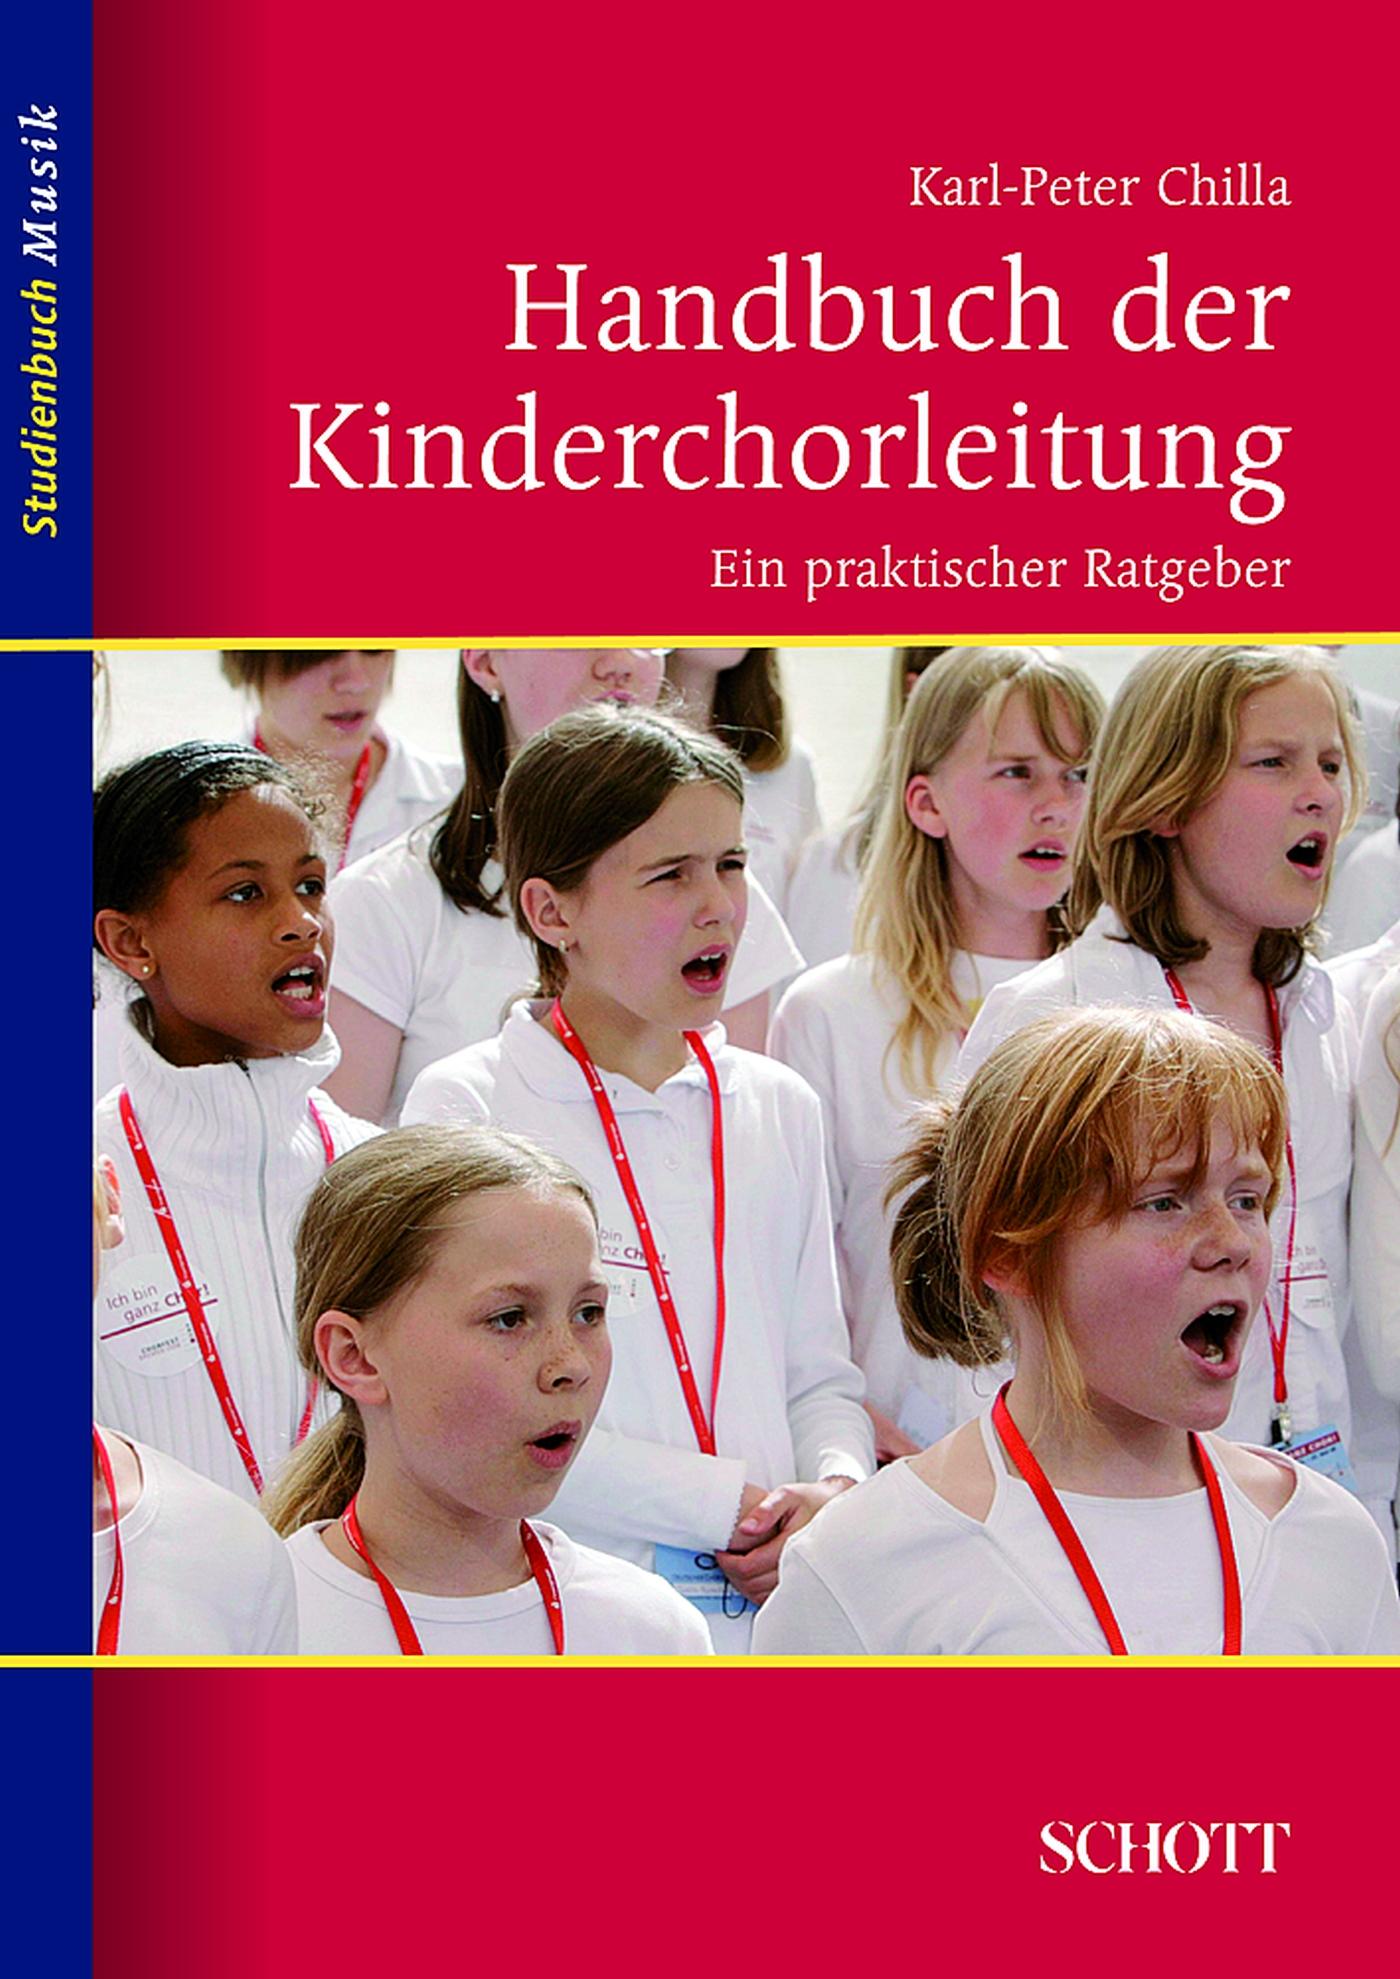 Karl-Peter Chilla Handbuch der Kinderchorleitung